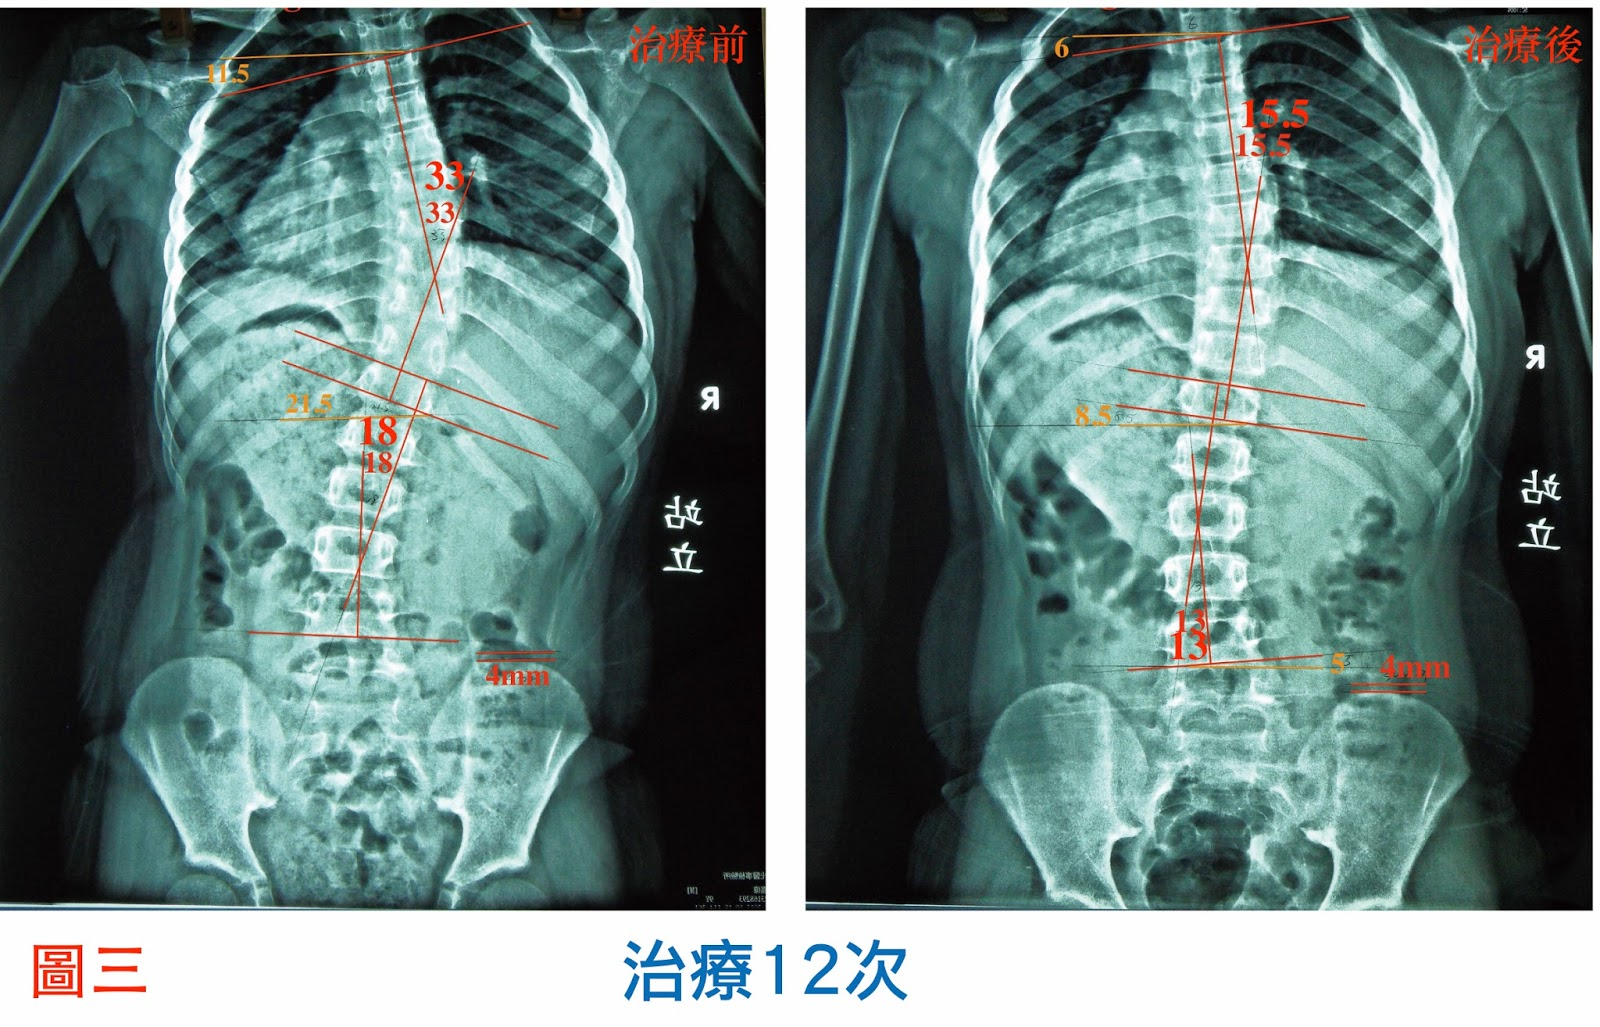 脊椎側彎, 脊椎側彎背架, 脊椎度數,脊椎側彎矯正, 脊椎側彎治療, , 脊椎側彎 復健